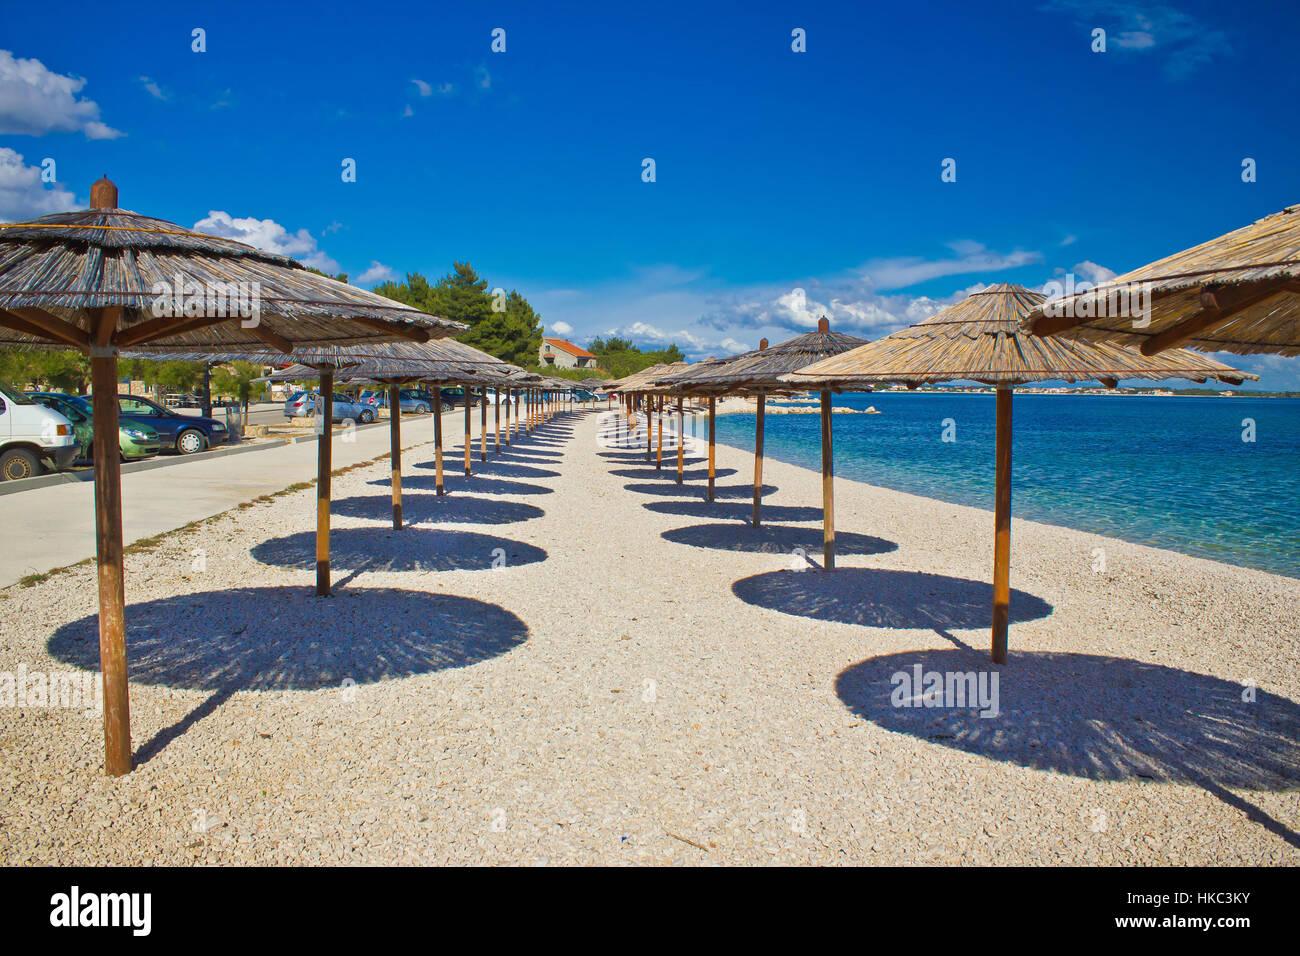 Island of Vir beach umbrellas, Dalmatia, croatia - Stock Image